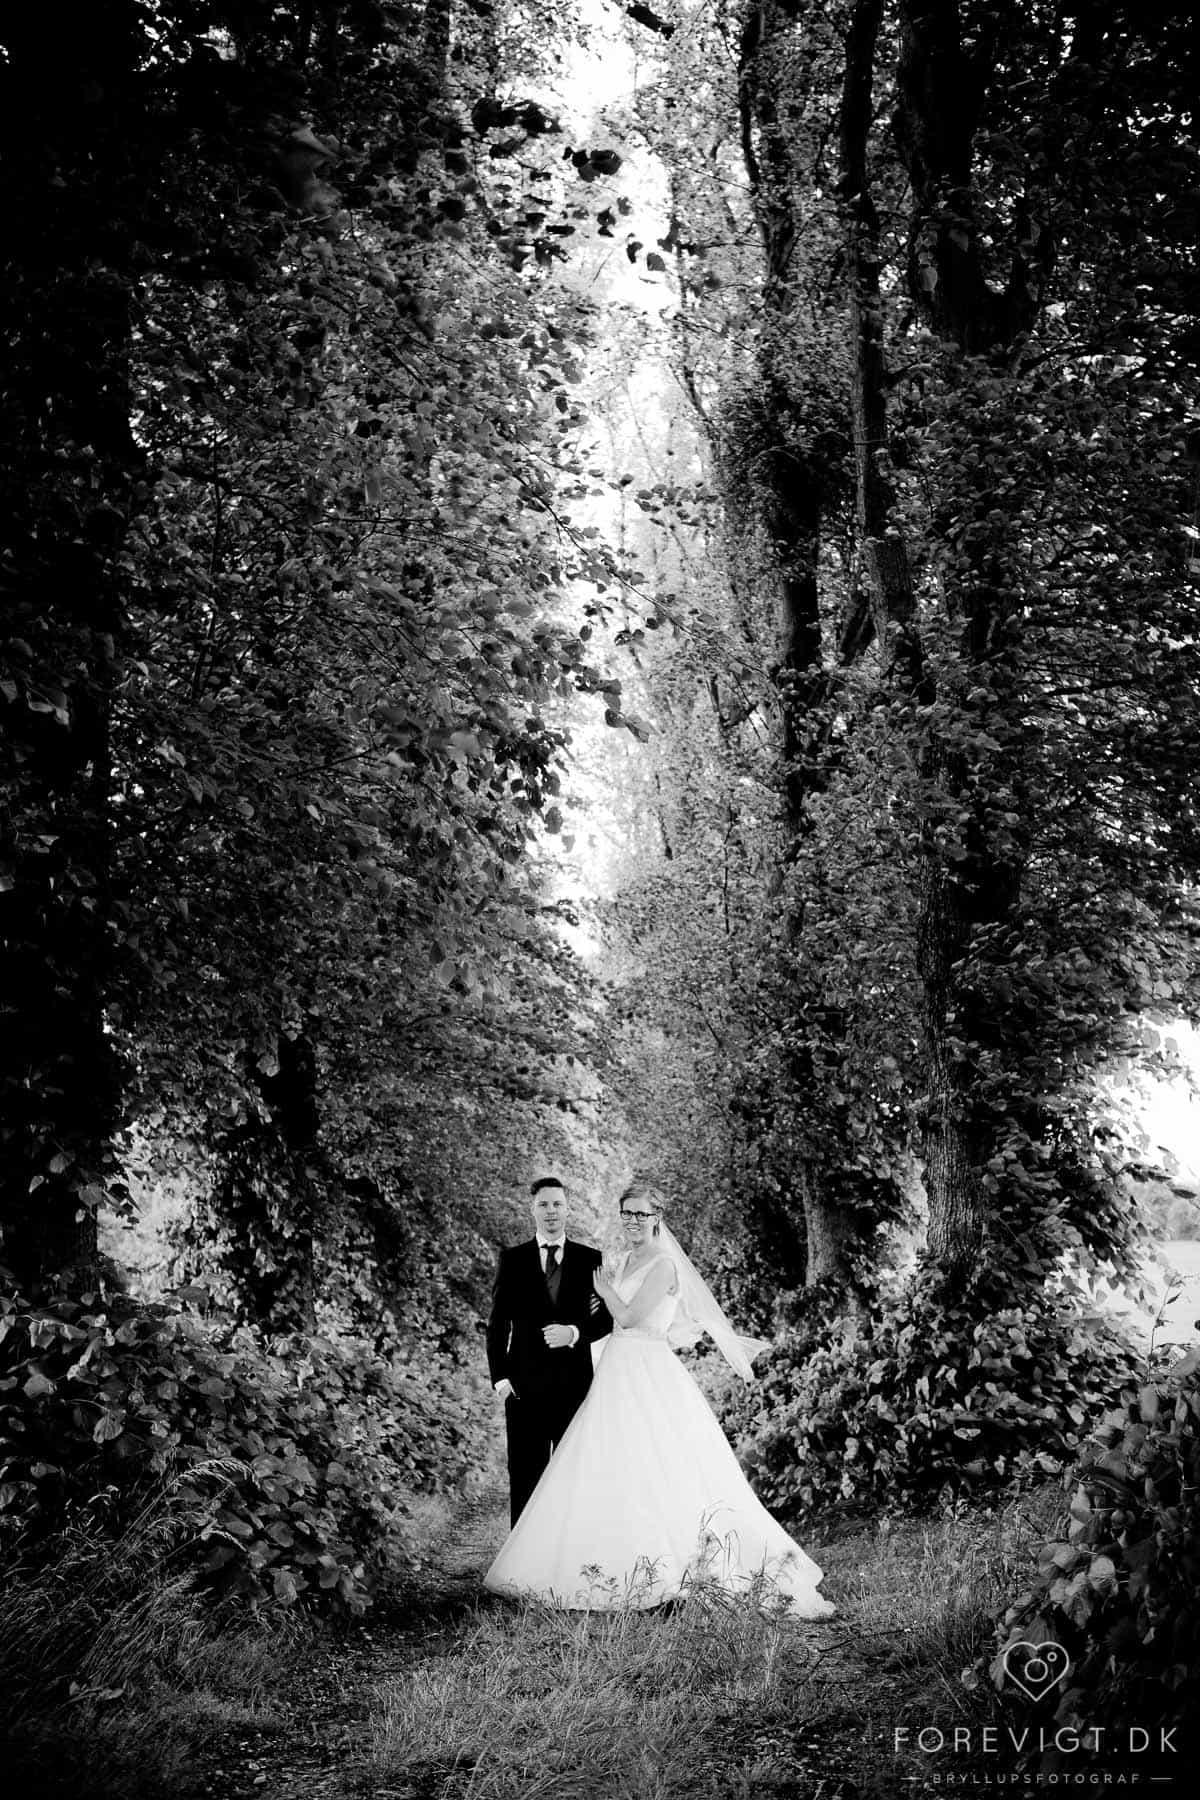 Fotograf til Bryllup | Forevig den skønne dag